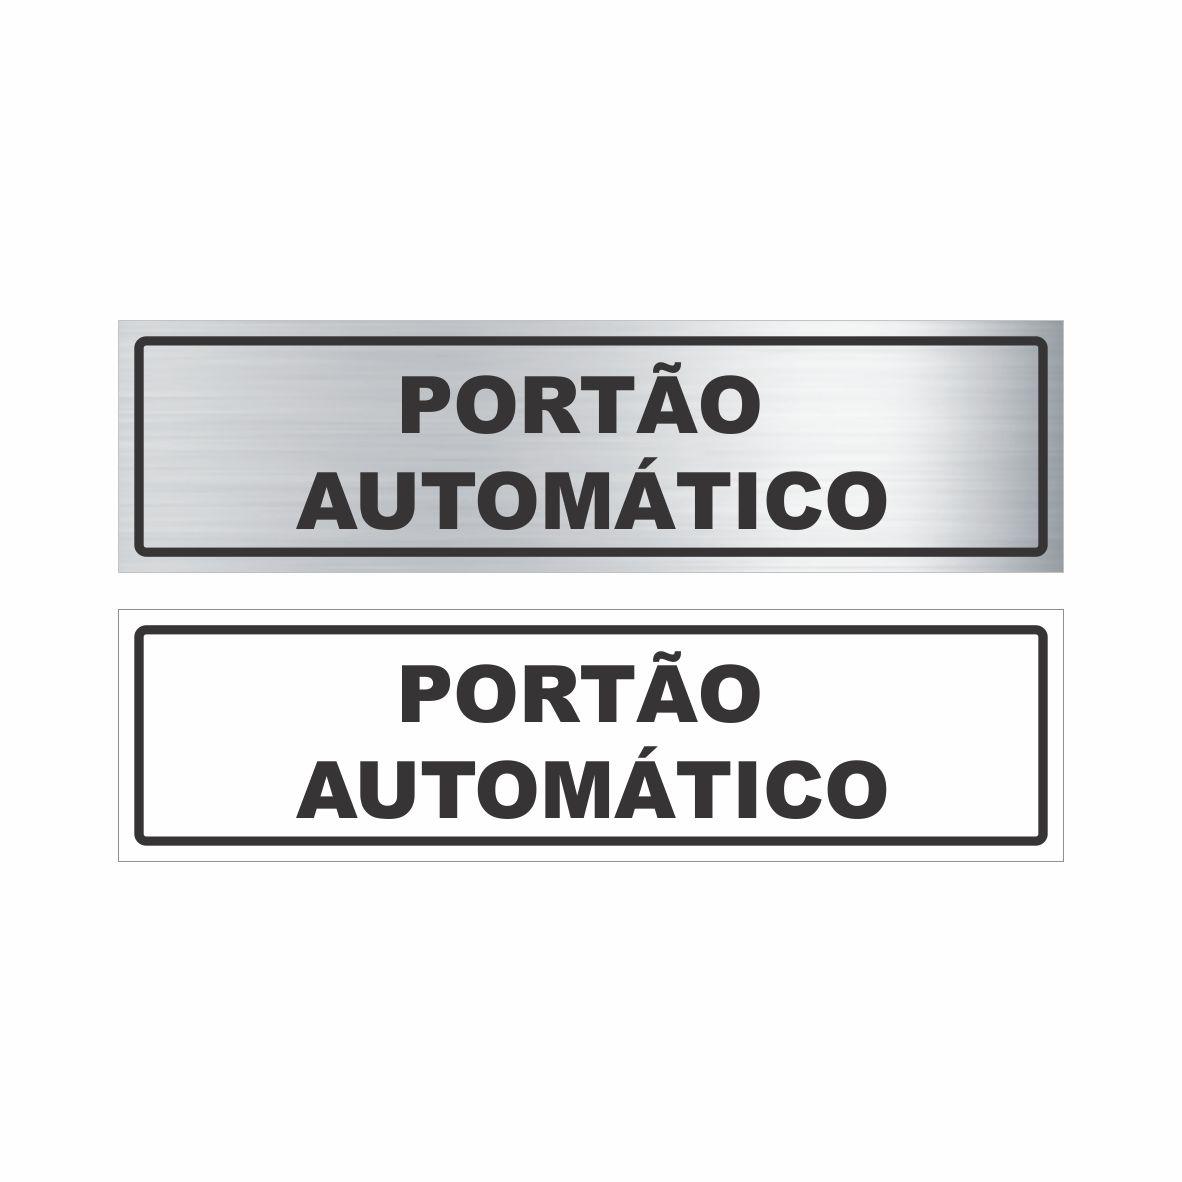 Portão automático  - Towbar Sinalização de Segurança